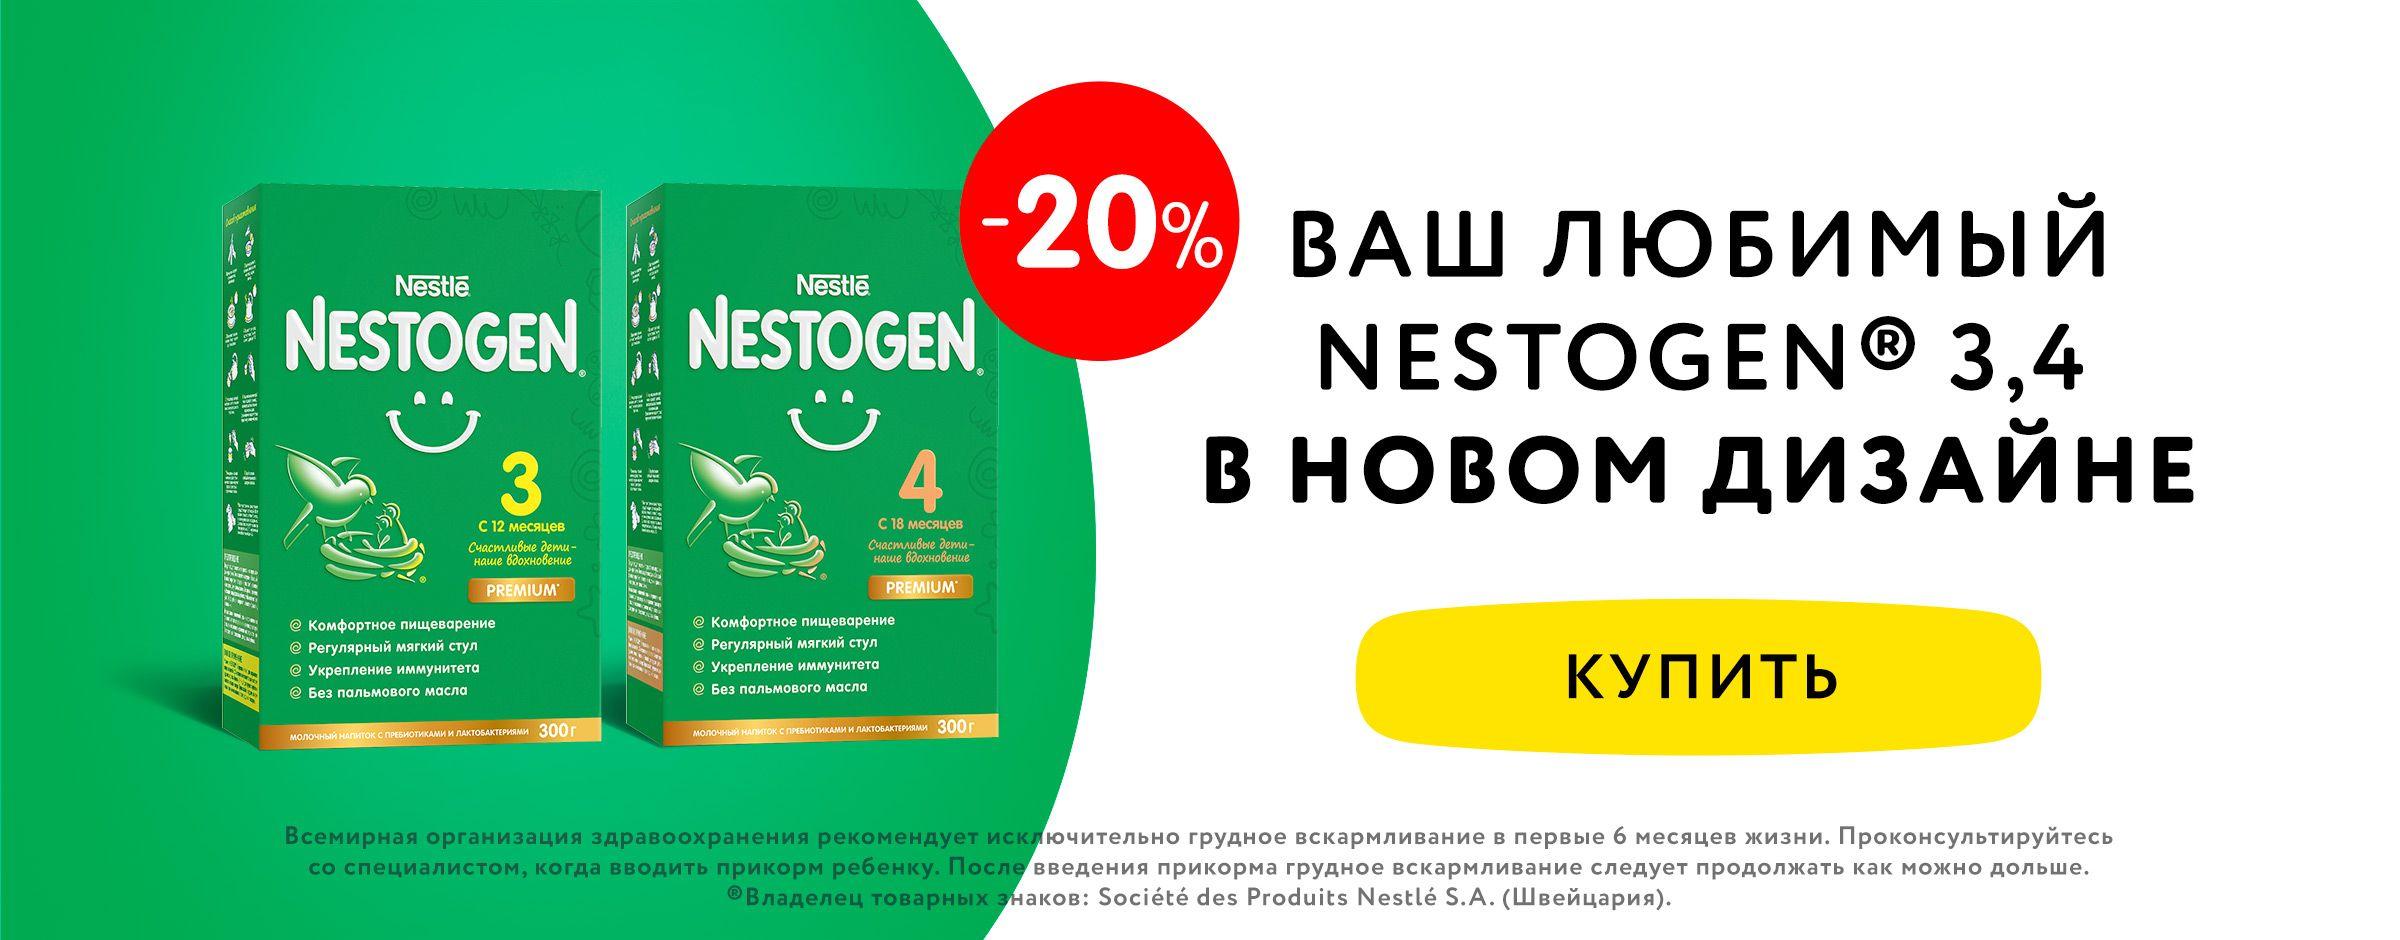 Nestogen 3,4